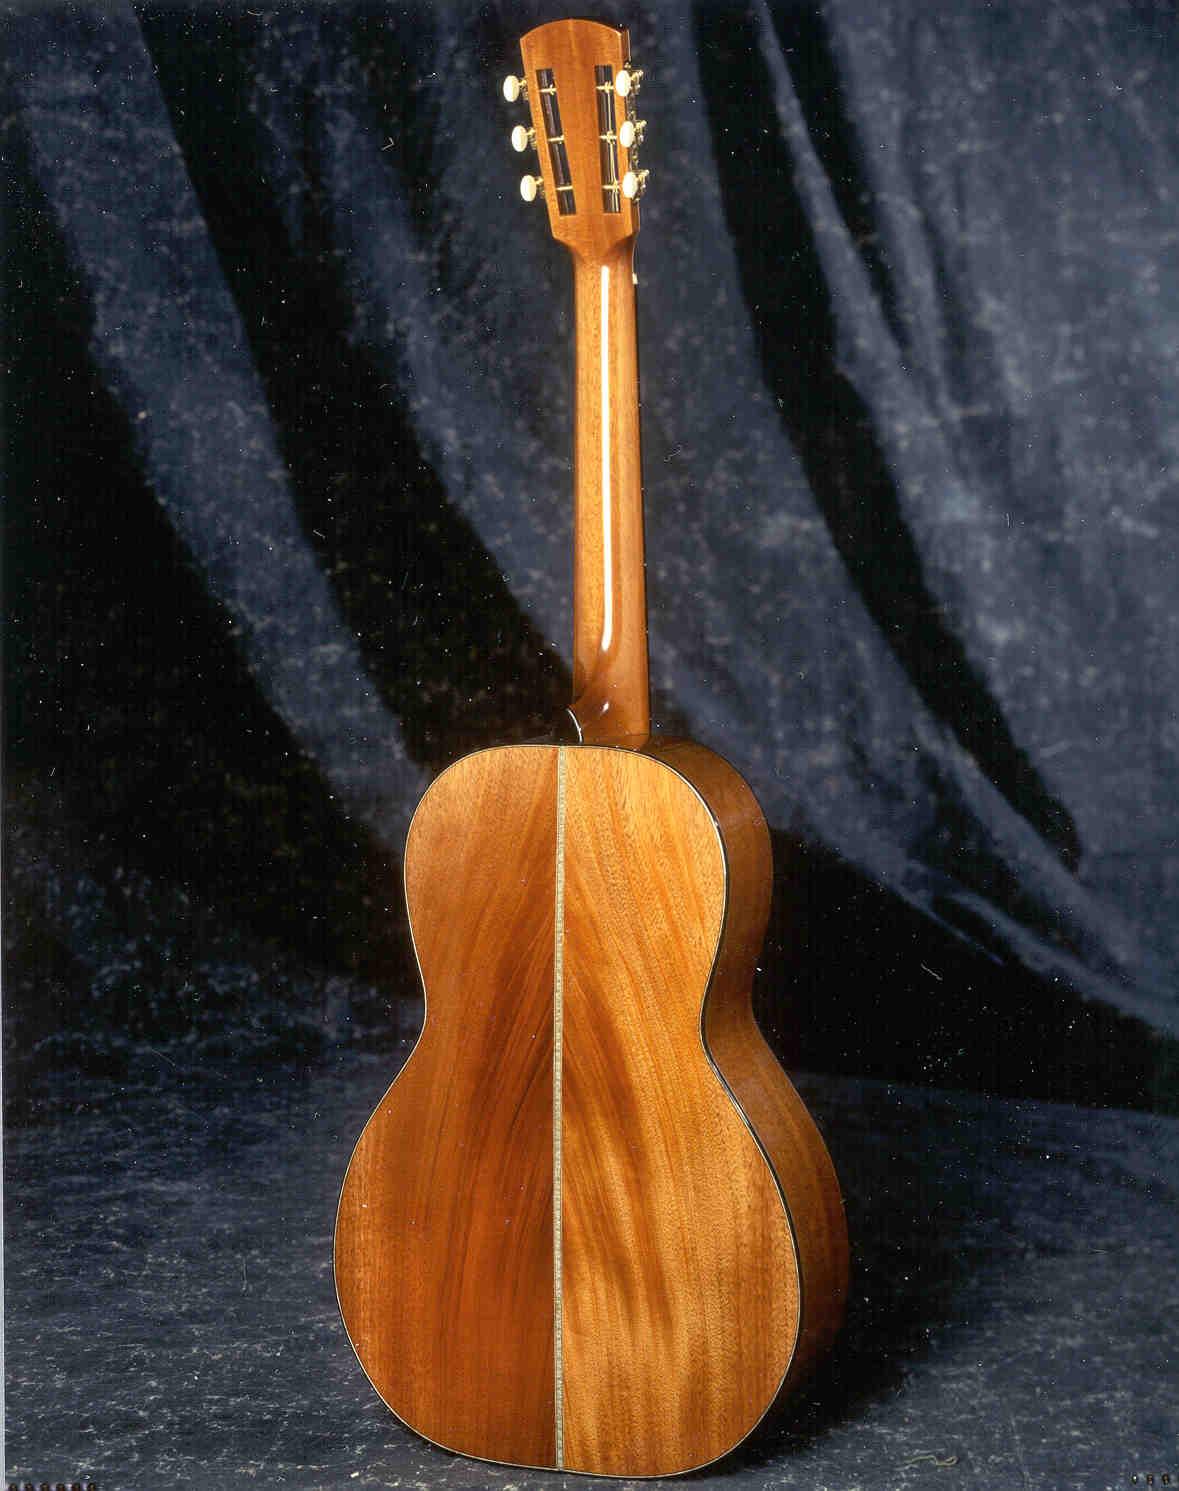 17-DEBACK300-Guitar-Luthier-LuthierDB-Image-9